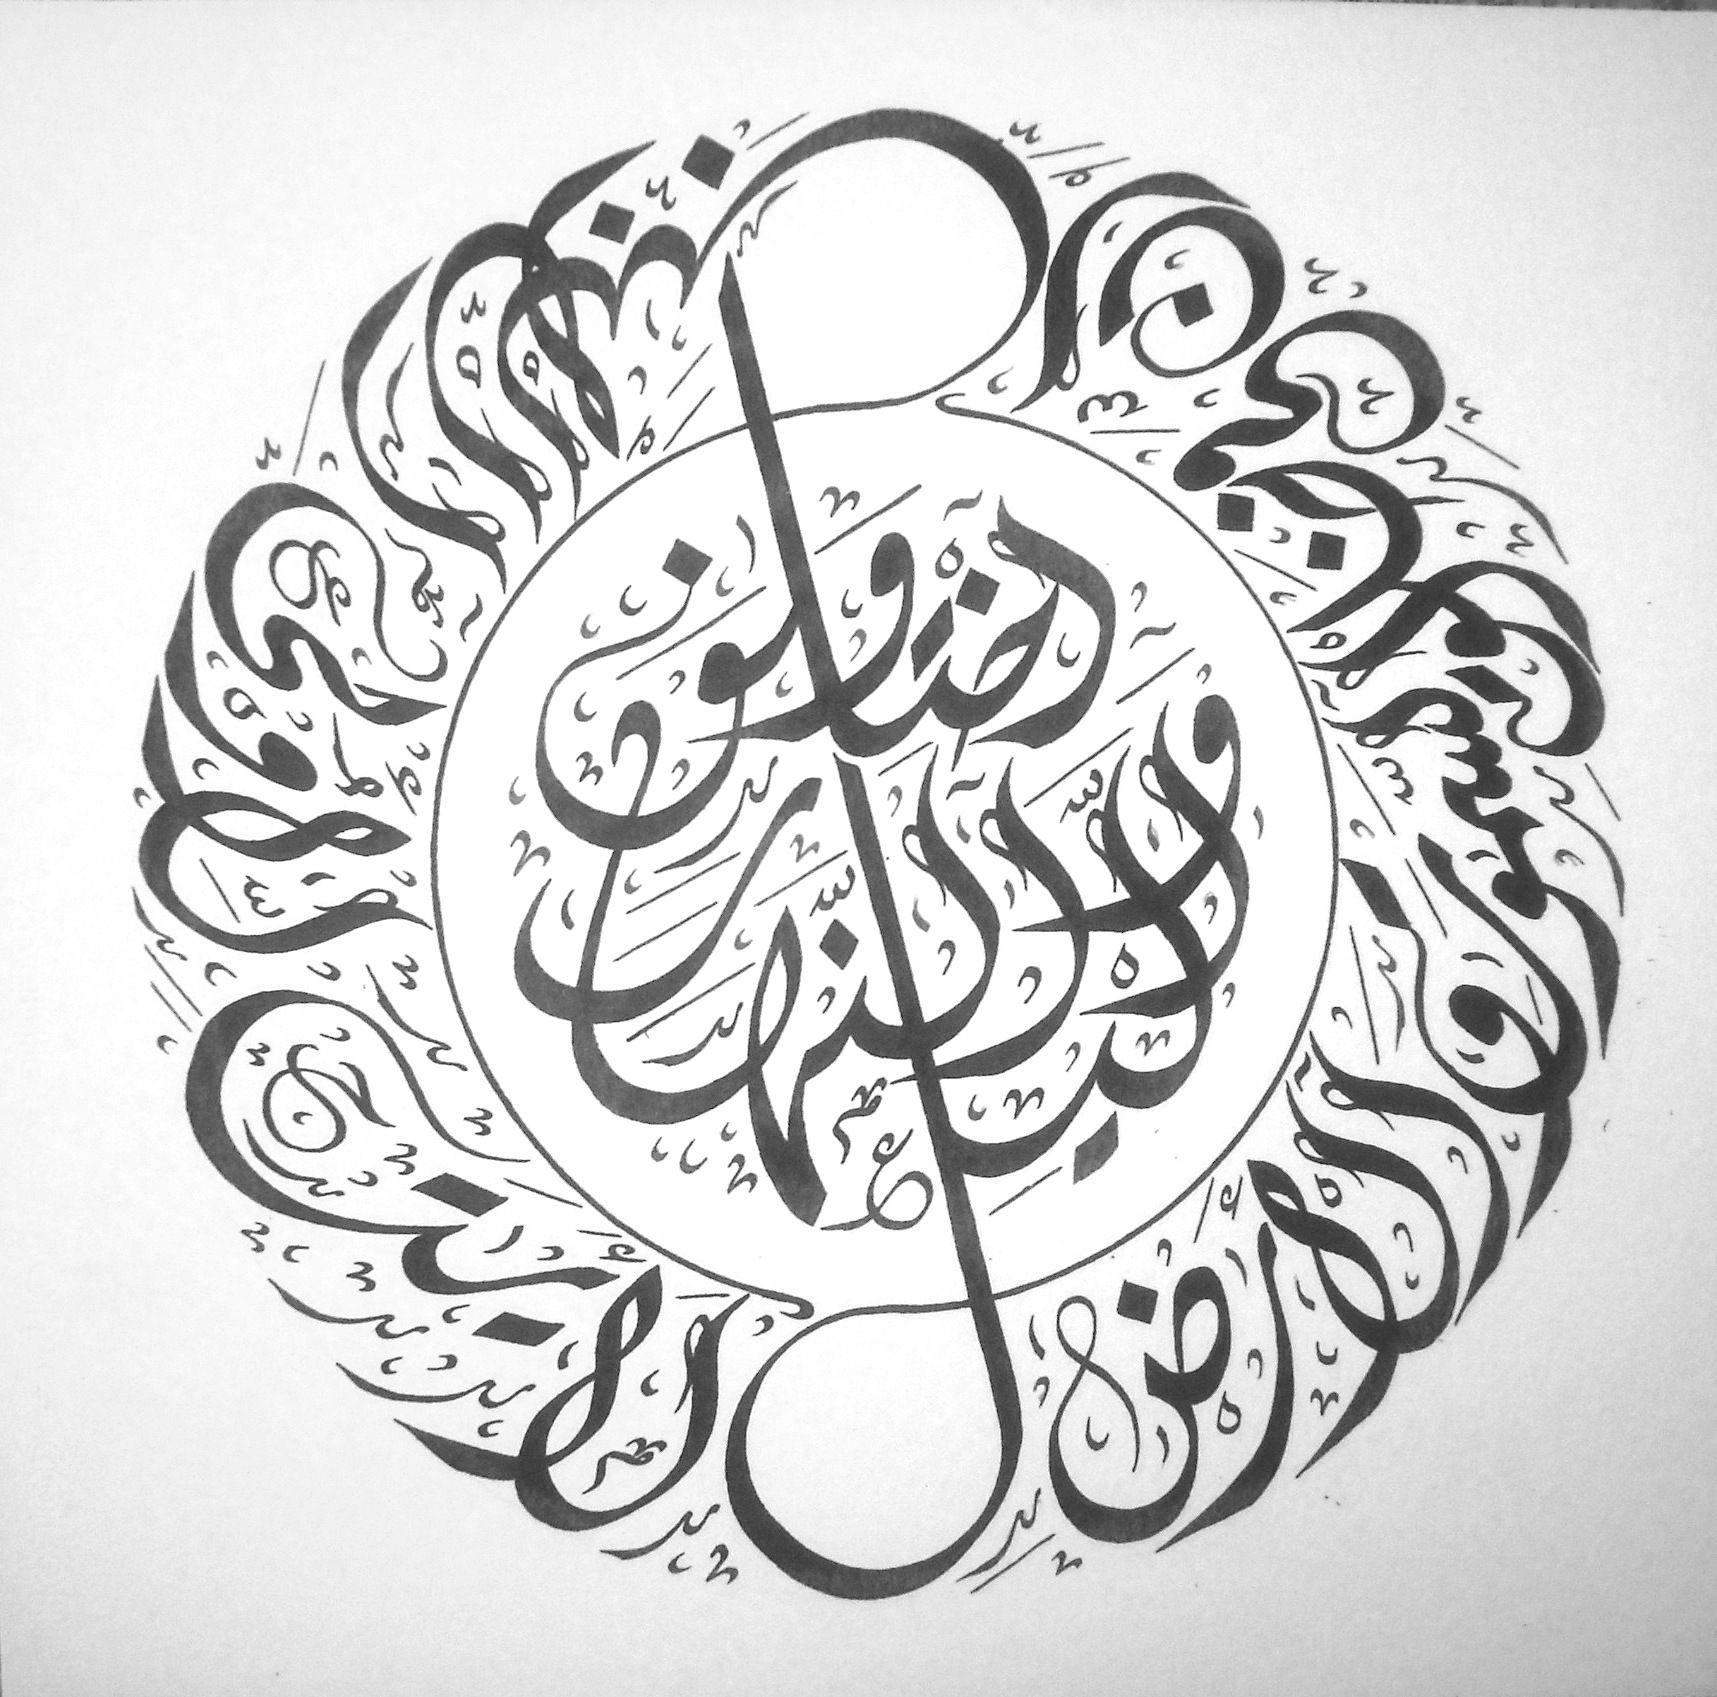 تصميم غلاف لكتاب والنص هو الآية إن في خلق السماوات والأرض واختلاف الليل والنهار لآيات لأولى الأبصار Islamic Art Calligraphy Islamic Calligraphy Islamic Art